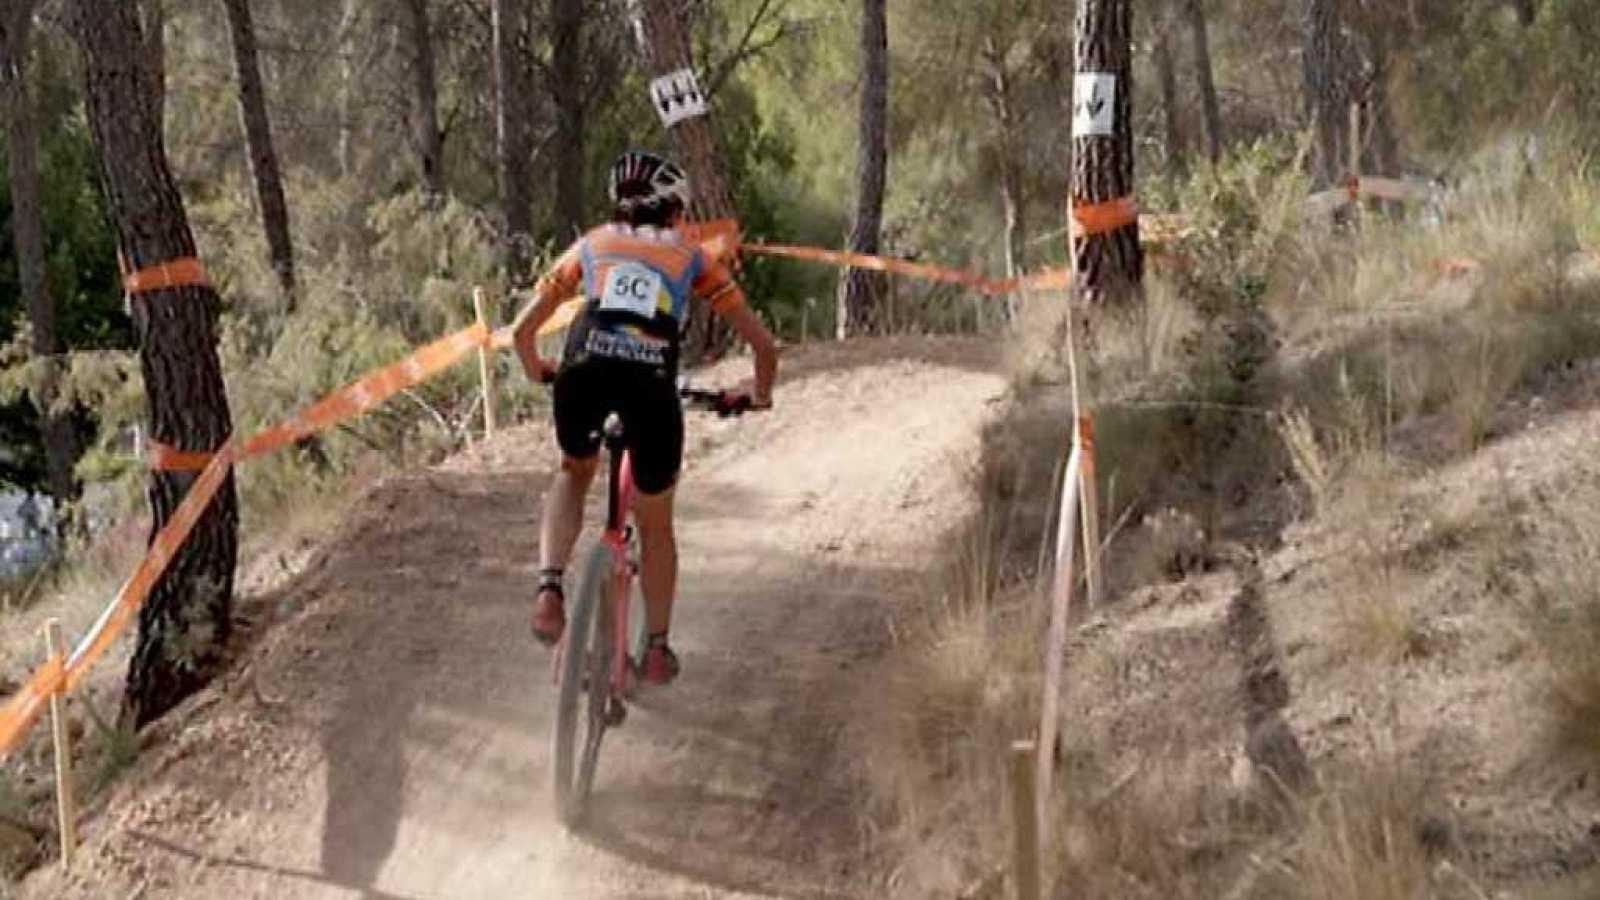 Circuito Xco Moralzarzal : Mountain bike campeonato de españa btt xco 2017. prueba cofrentes